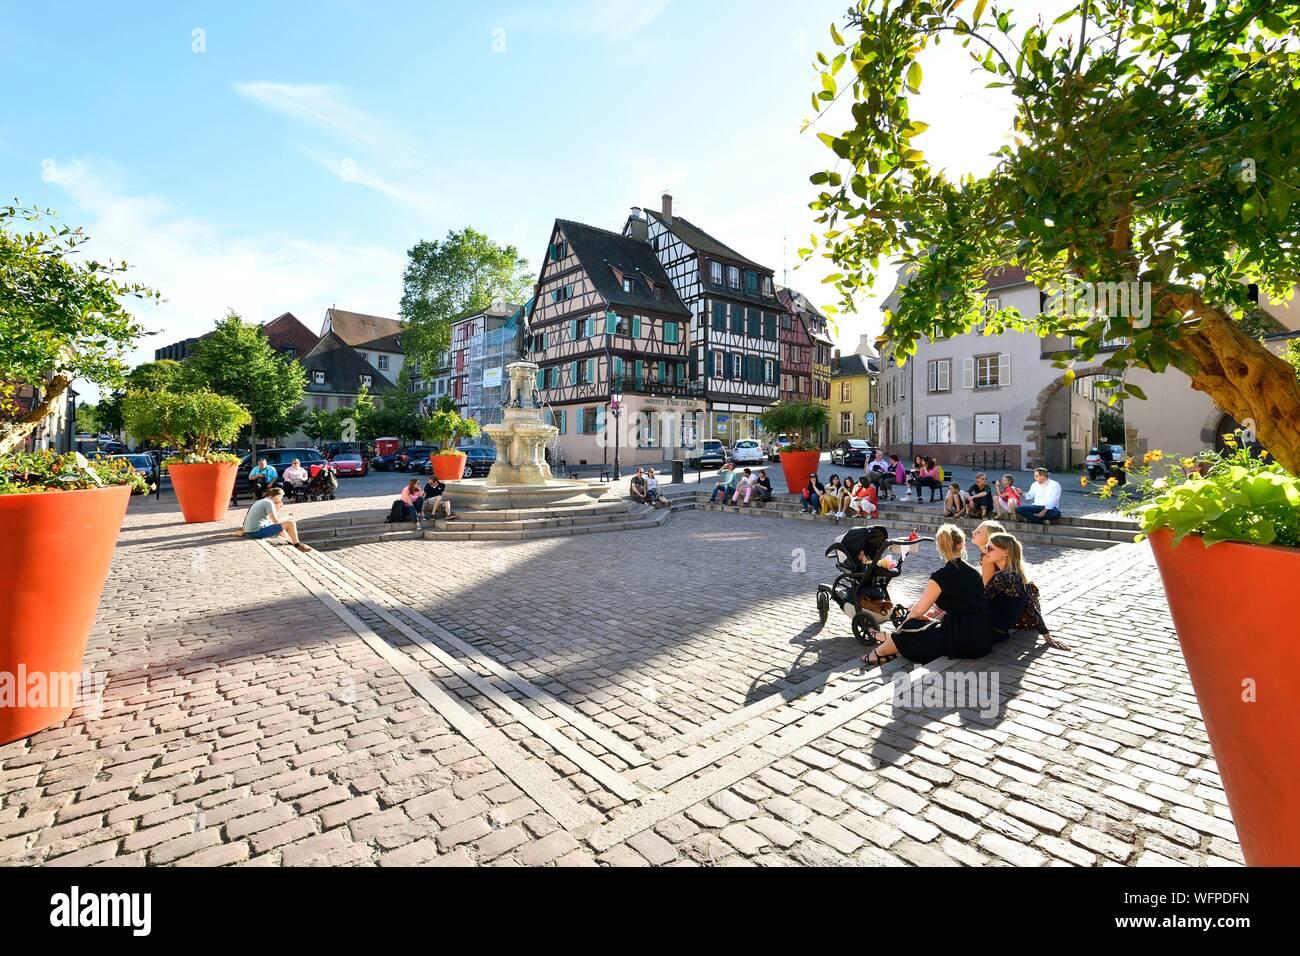 La France, Haut Rhin, Alsace Route des Vins, Colmar, place des Six Montagnes Noires, la fontaine Roesselmann par Auguste Bartholdi a été inauguré en 1854 Banque D'Images